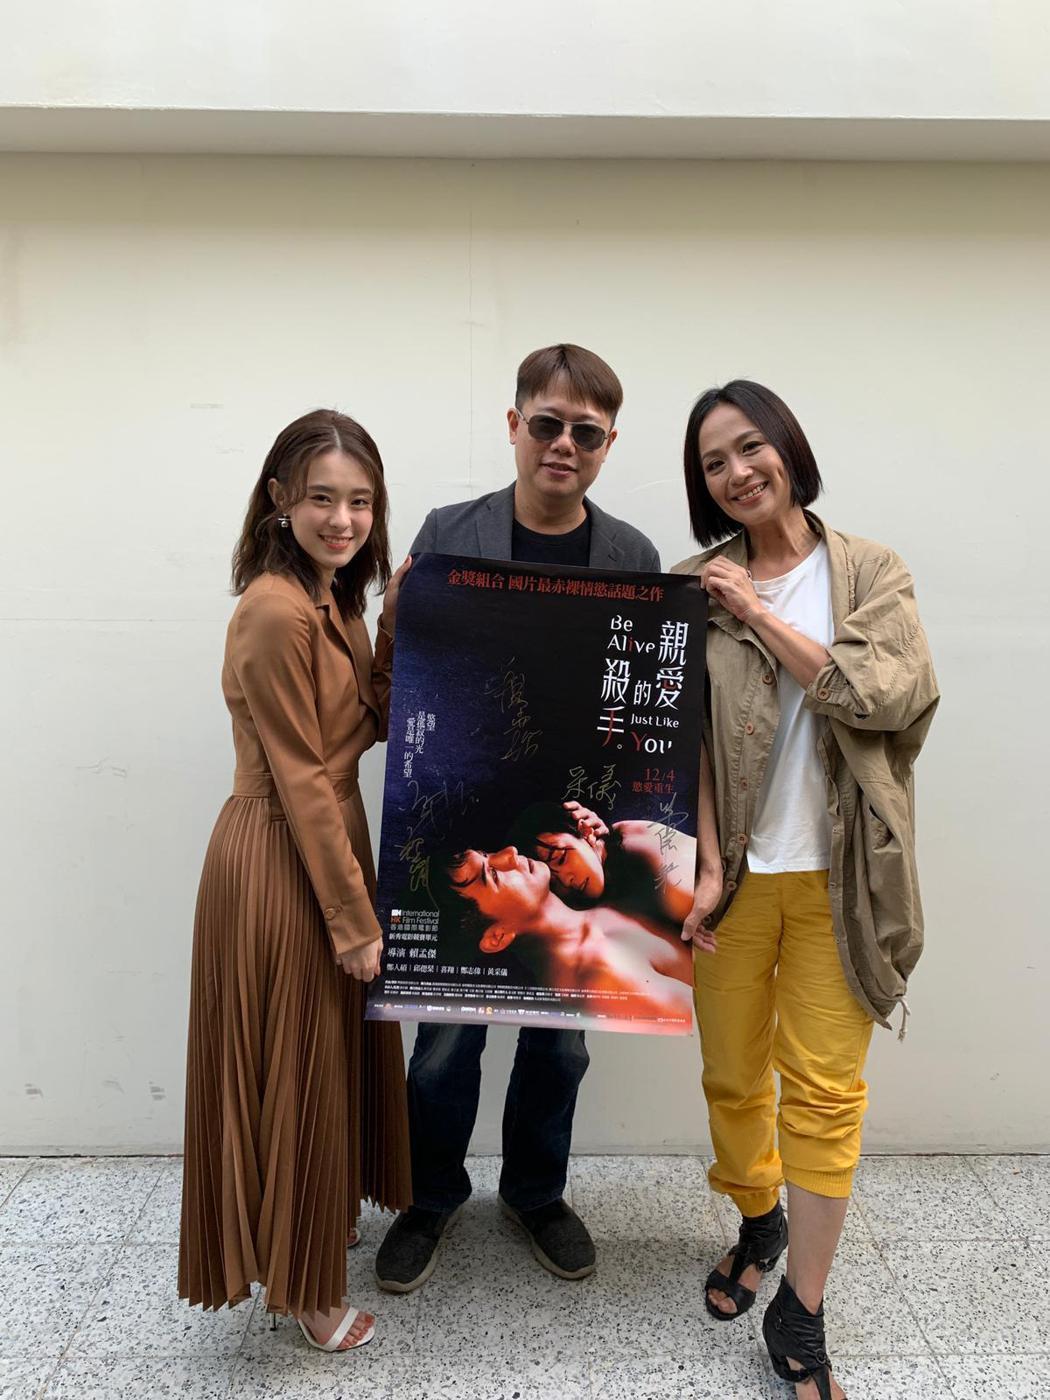 邱偲琹(左起)、導演賴孟傑、黃采儀現身「親愛的殺手」台中首映。圖/威視提供